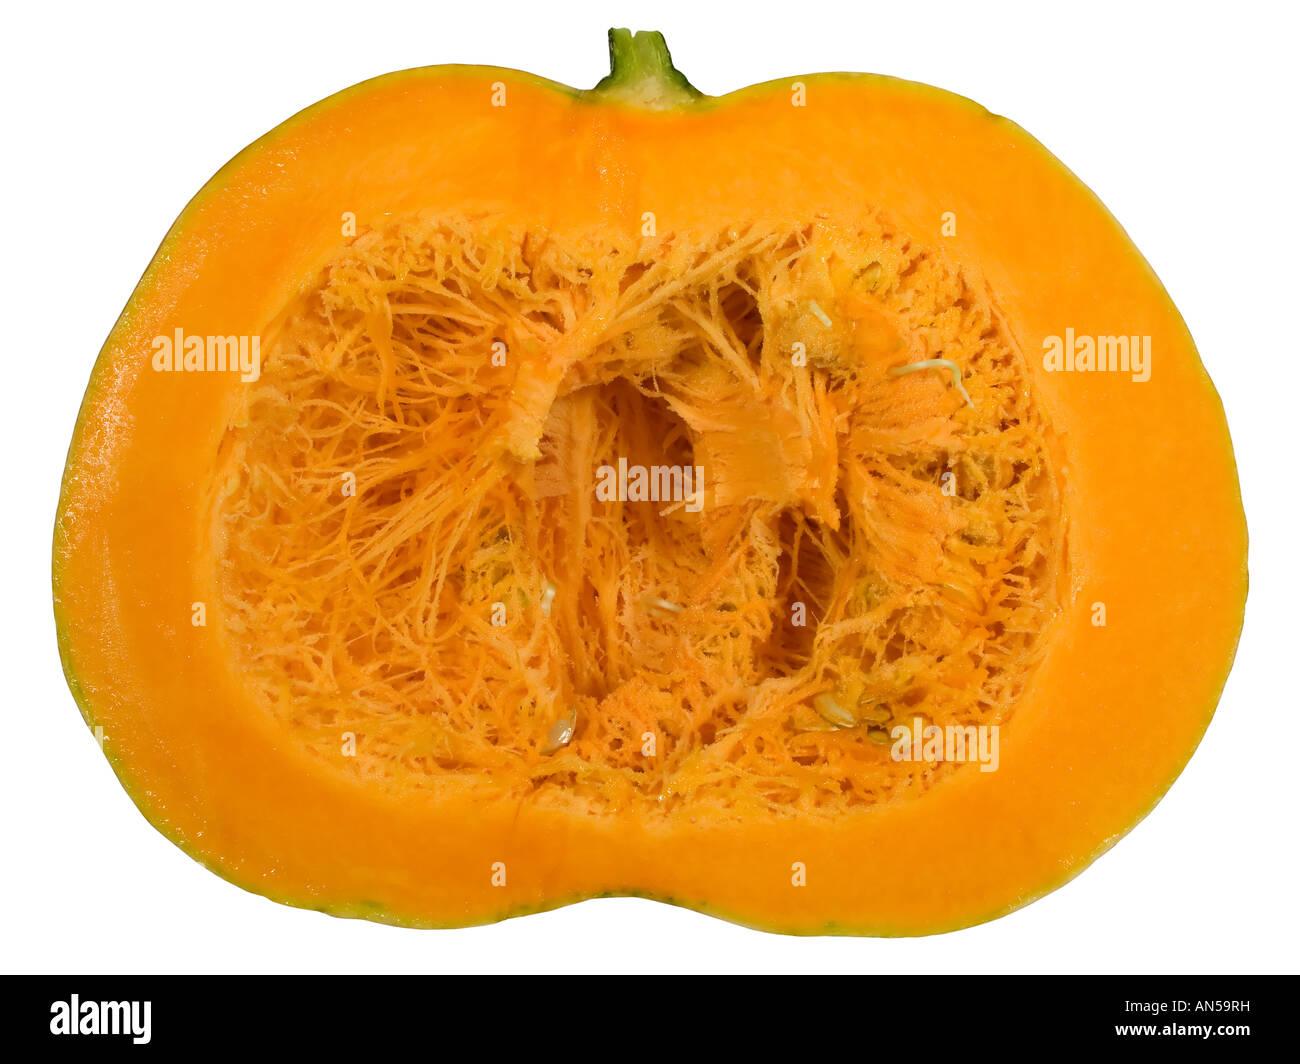 big round orange pumpkin sliced in half Stock Photo